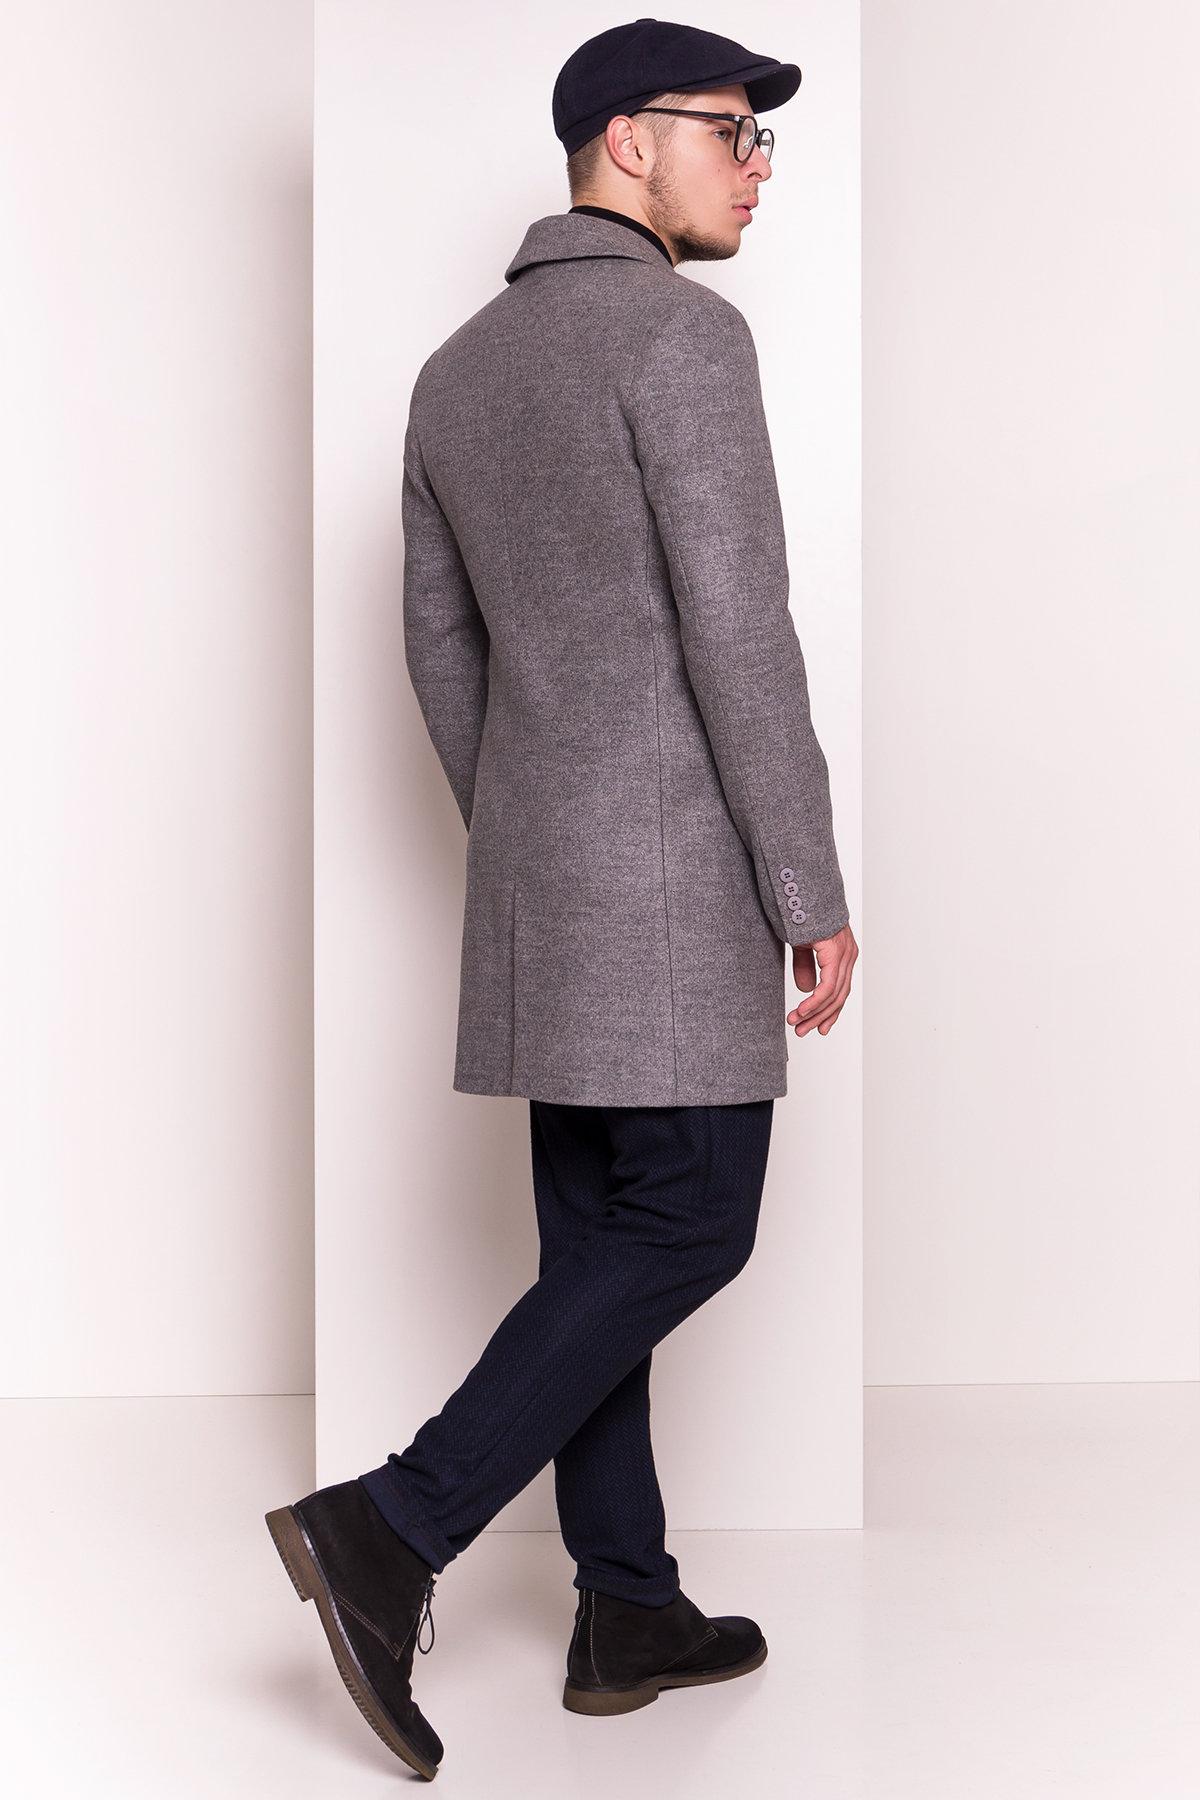 Пальто мужское Пако 5235 АРТ. 36435 Цвет: Серый - фото 5, интернет магазин tm-modus.ru